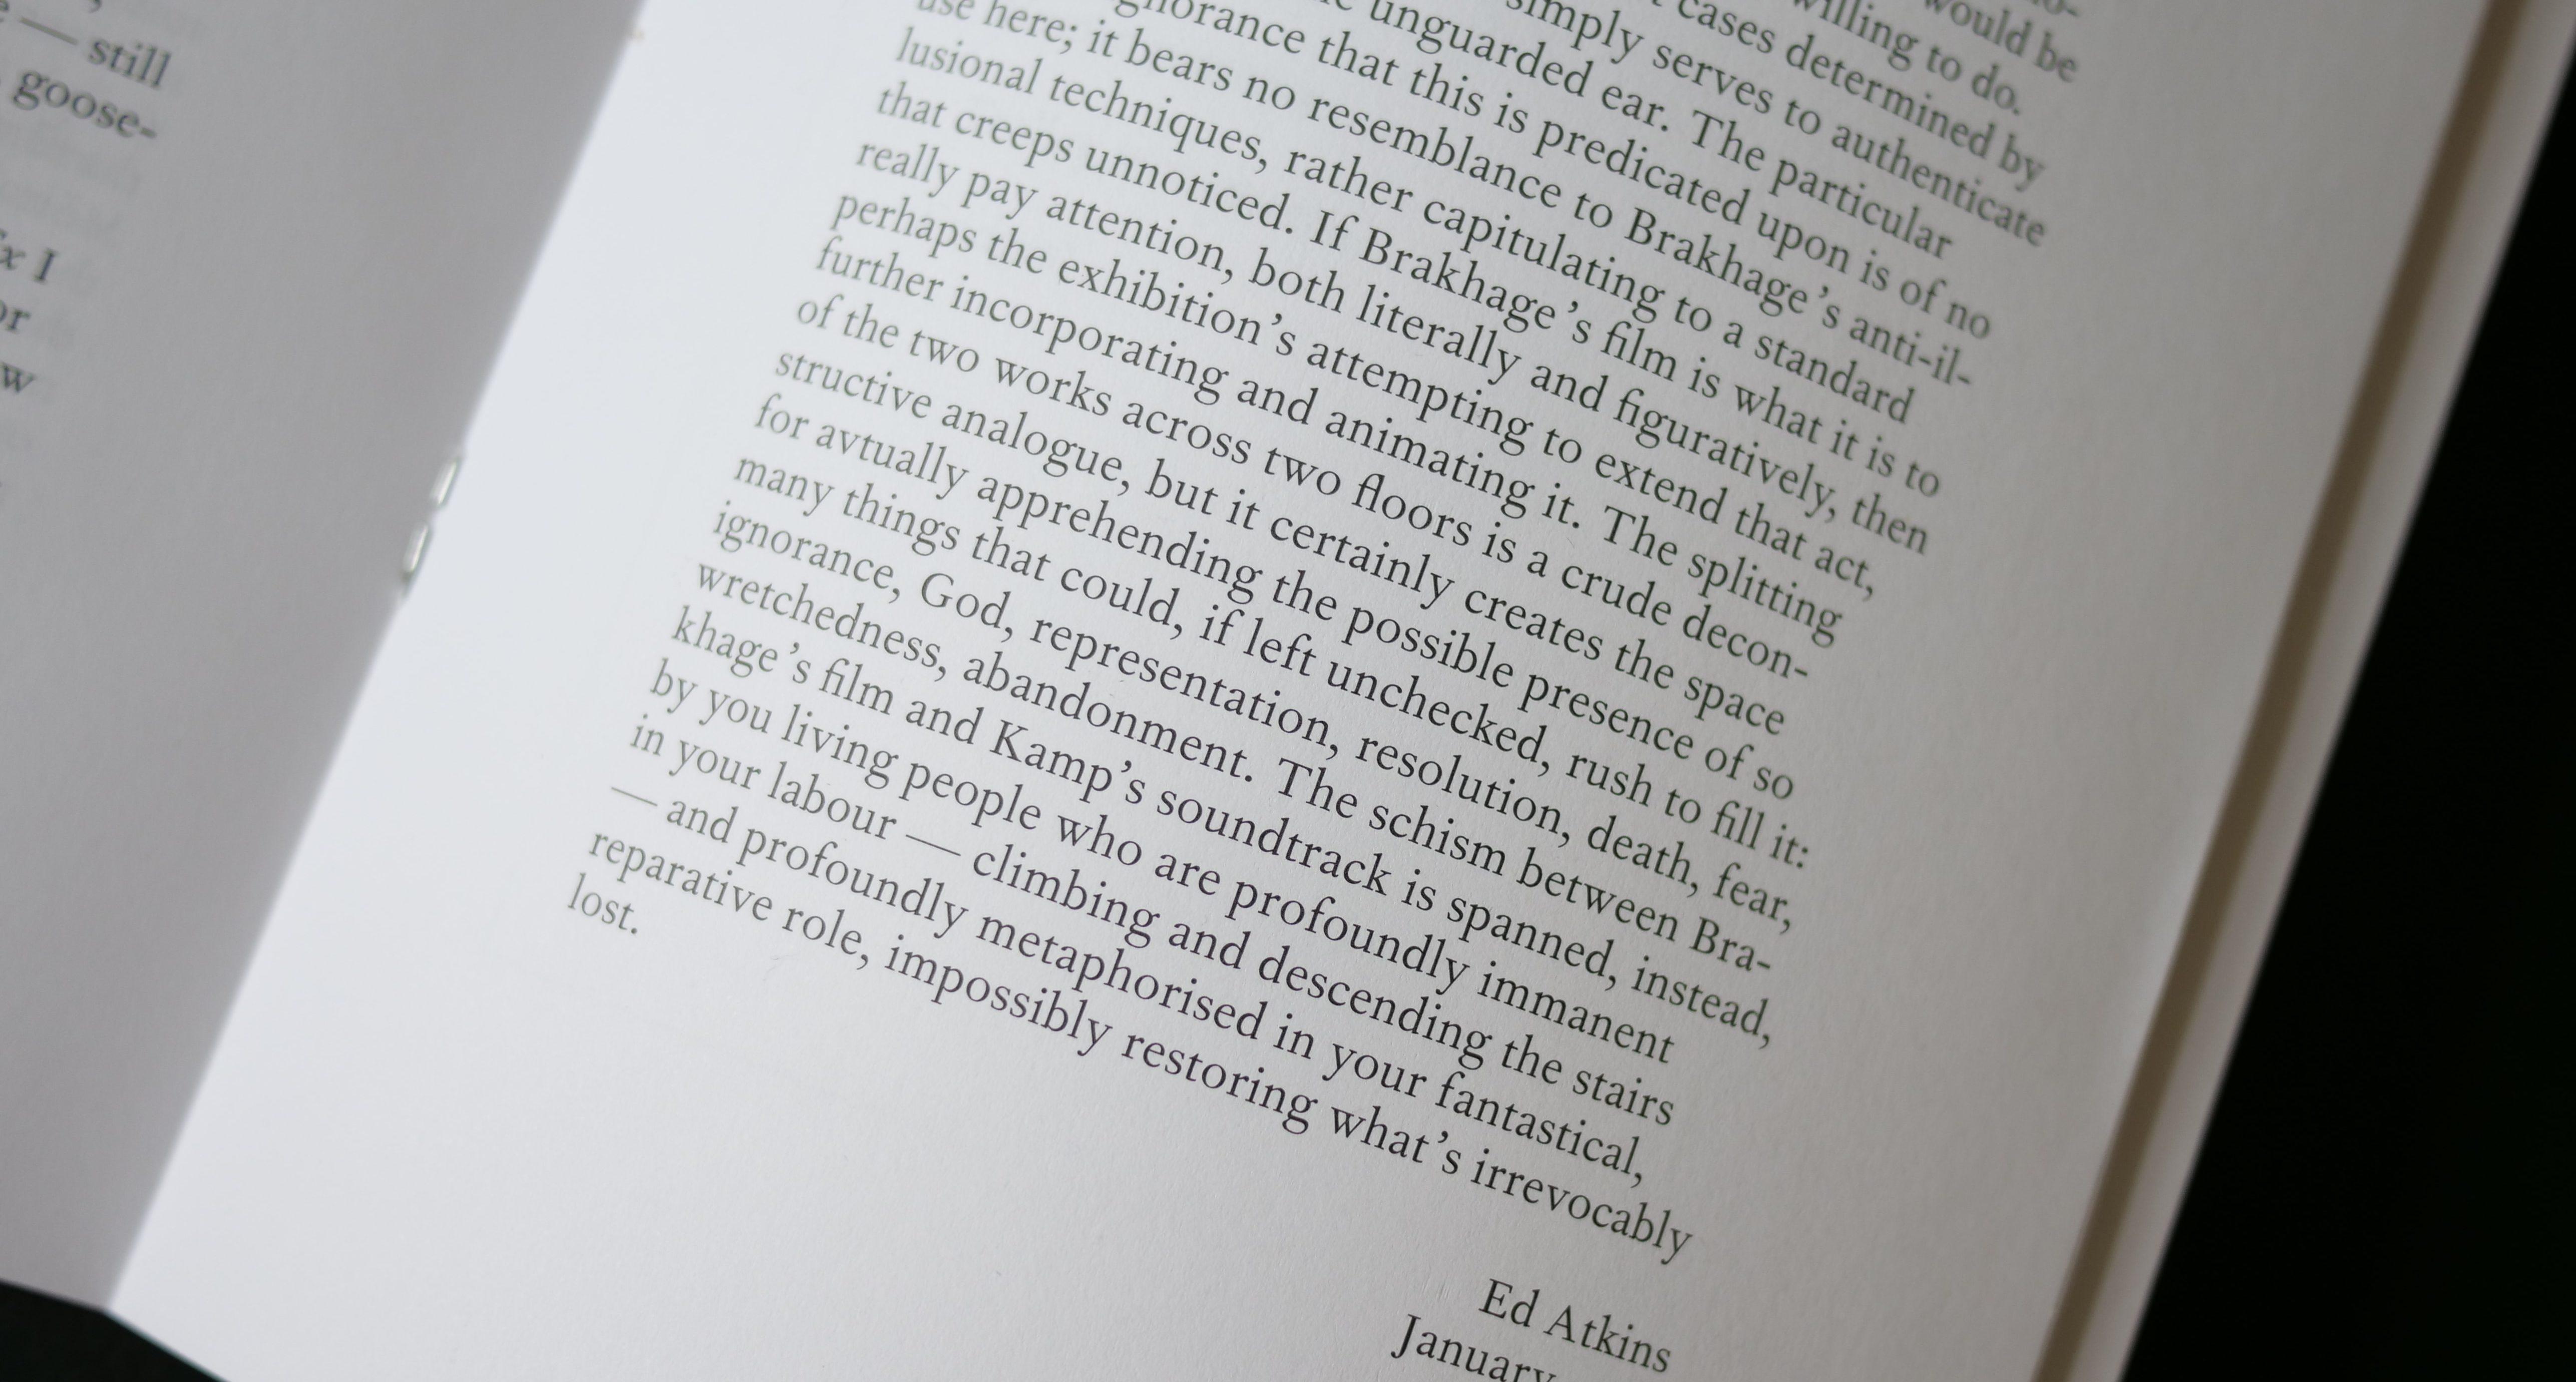 ed-atkins exhibition sound brakhage serpentine galleries